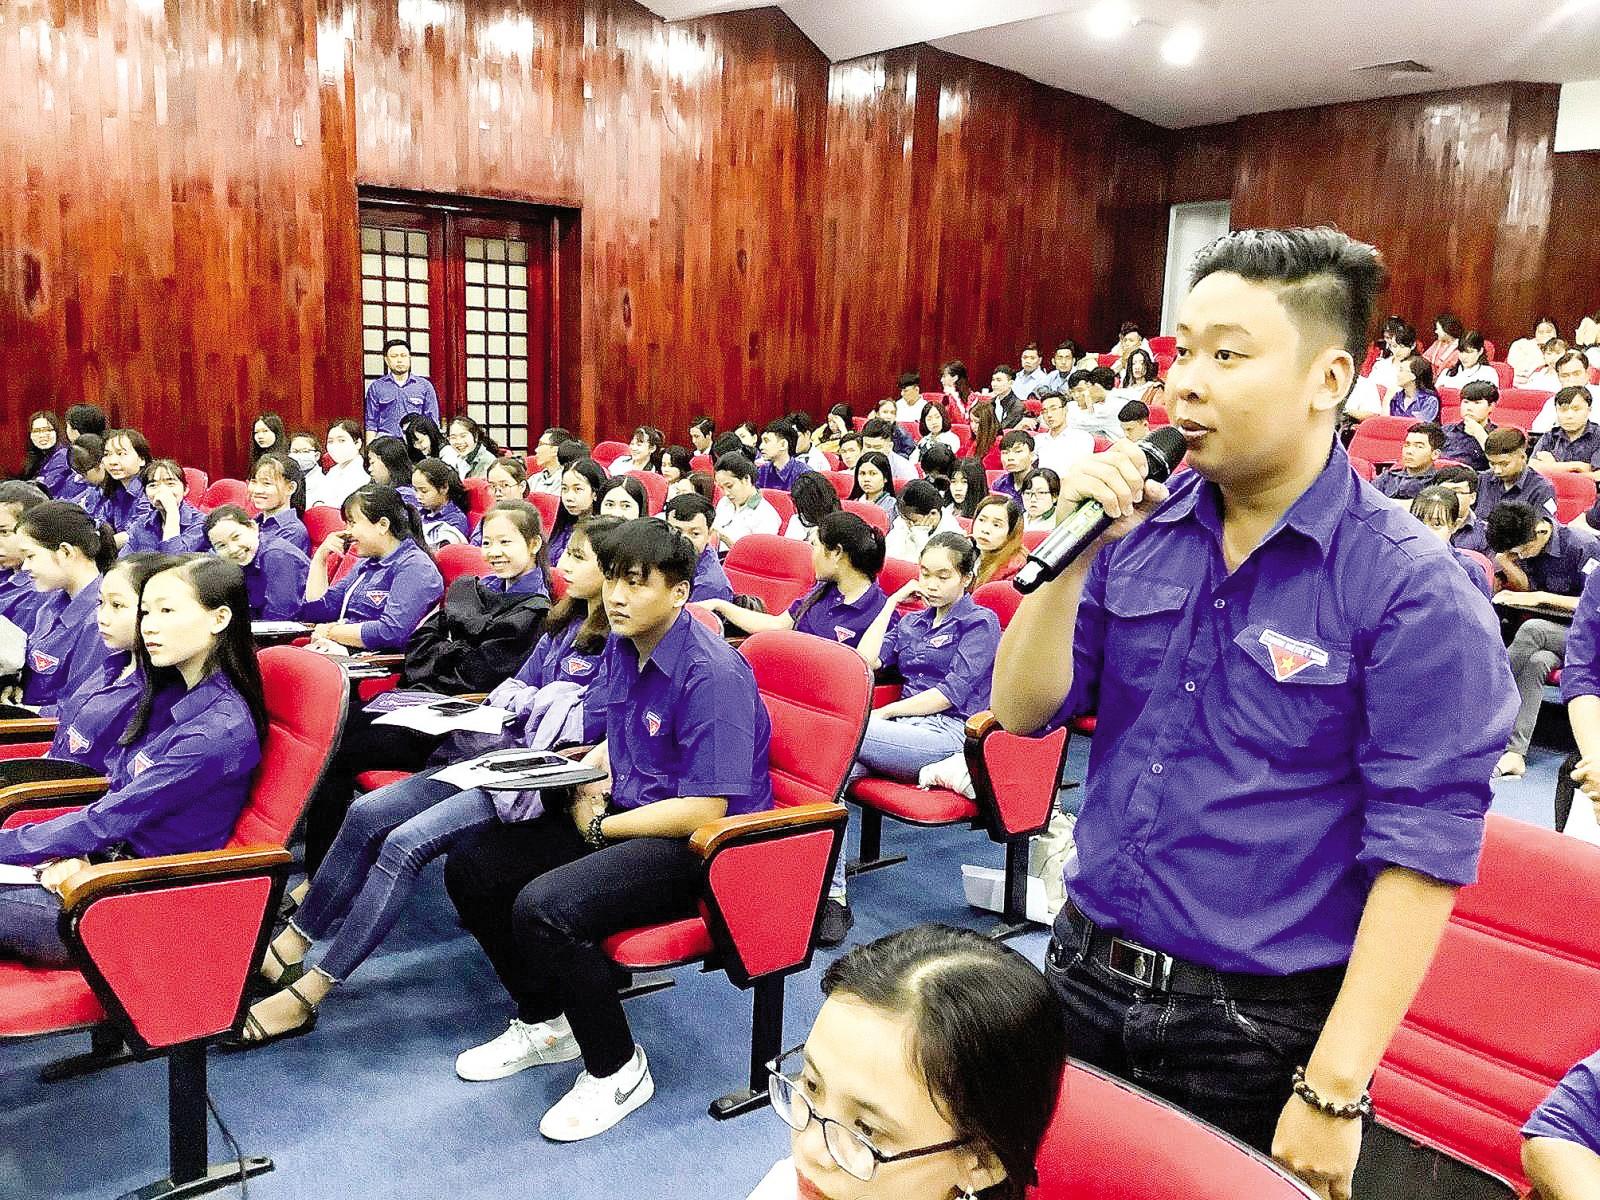 Anh Nguyễn Võ Hoàng Khang, ở phường Hưng Lợi, đặt câu hỏi tại chương trình gặp gỡ, đối thoại giữa lãnh đạo thành phố với thanh niên.